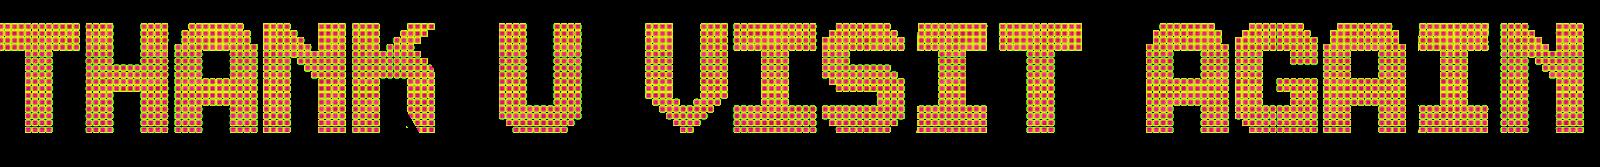 इस चित्र का आल्ट गुण खाली है; इसका फ़ाइल नाम 1fullLYoOGjnhBZqZIRep2CwwLEkTKSzfgzldQ_ywgzsAoGfI2mMptCpJ-YlXk1wG-lM_Qg7tv0byIE-f4QTVUOJ6GMWz-7uNZT4EmFN39kTurbcp7eonpUdVq4I1APFni8c-z7j है